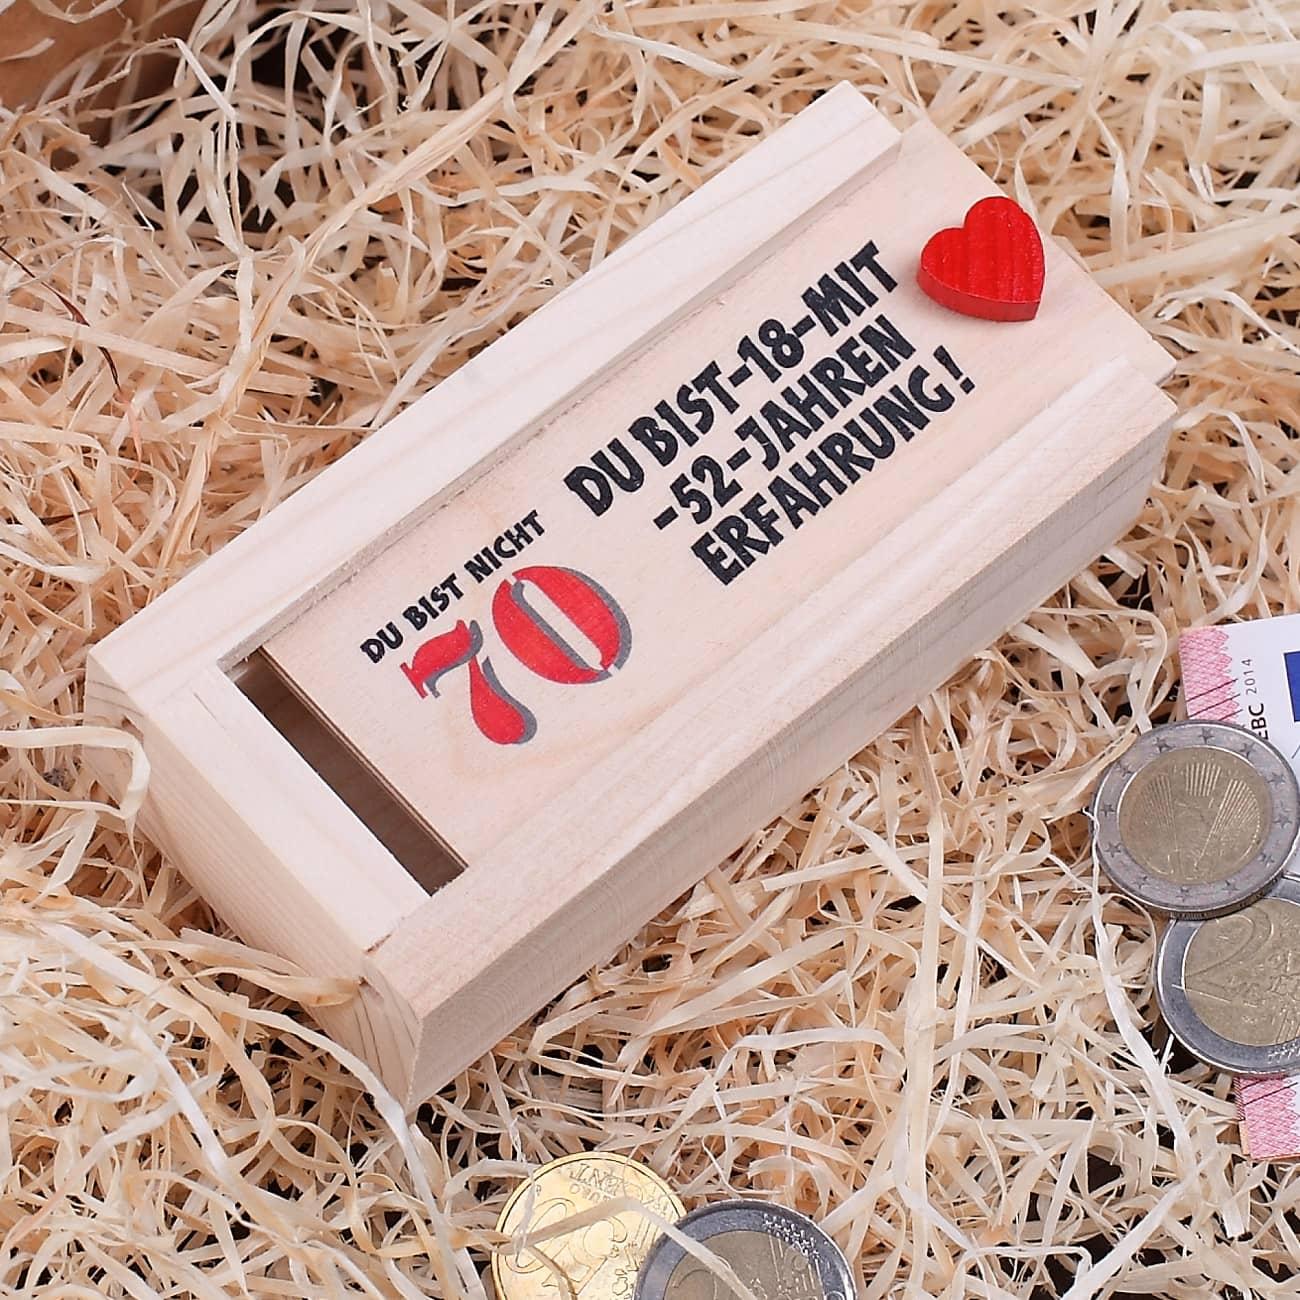 Holzkiste als geldgeschenk zum 70 geburtstag geschenke for Geschenke zum 70 geburtstag frau